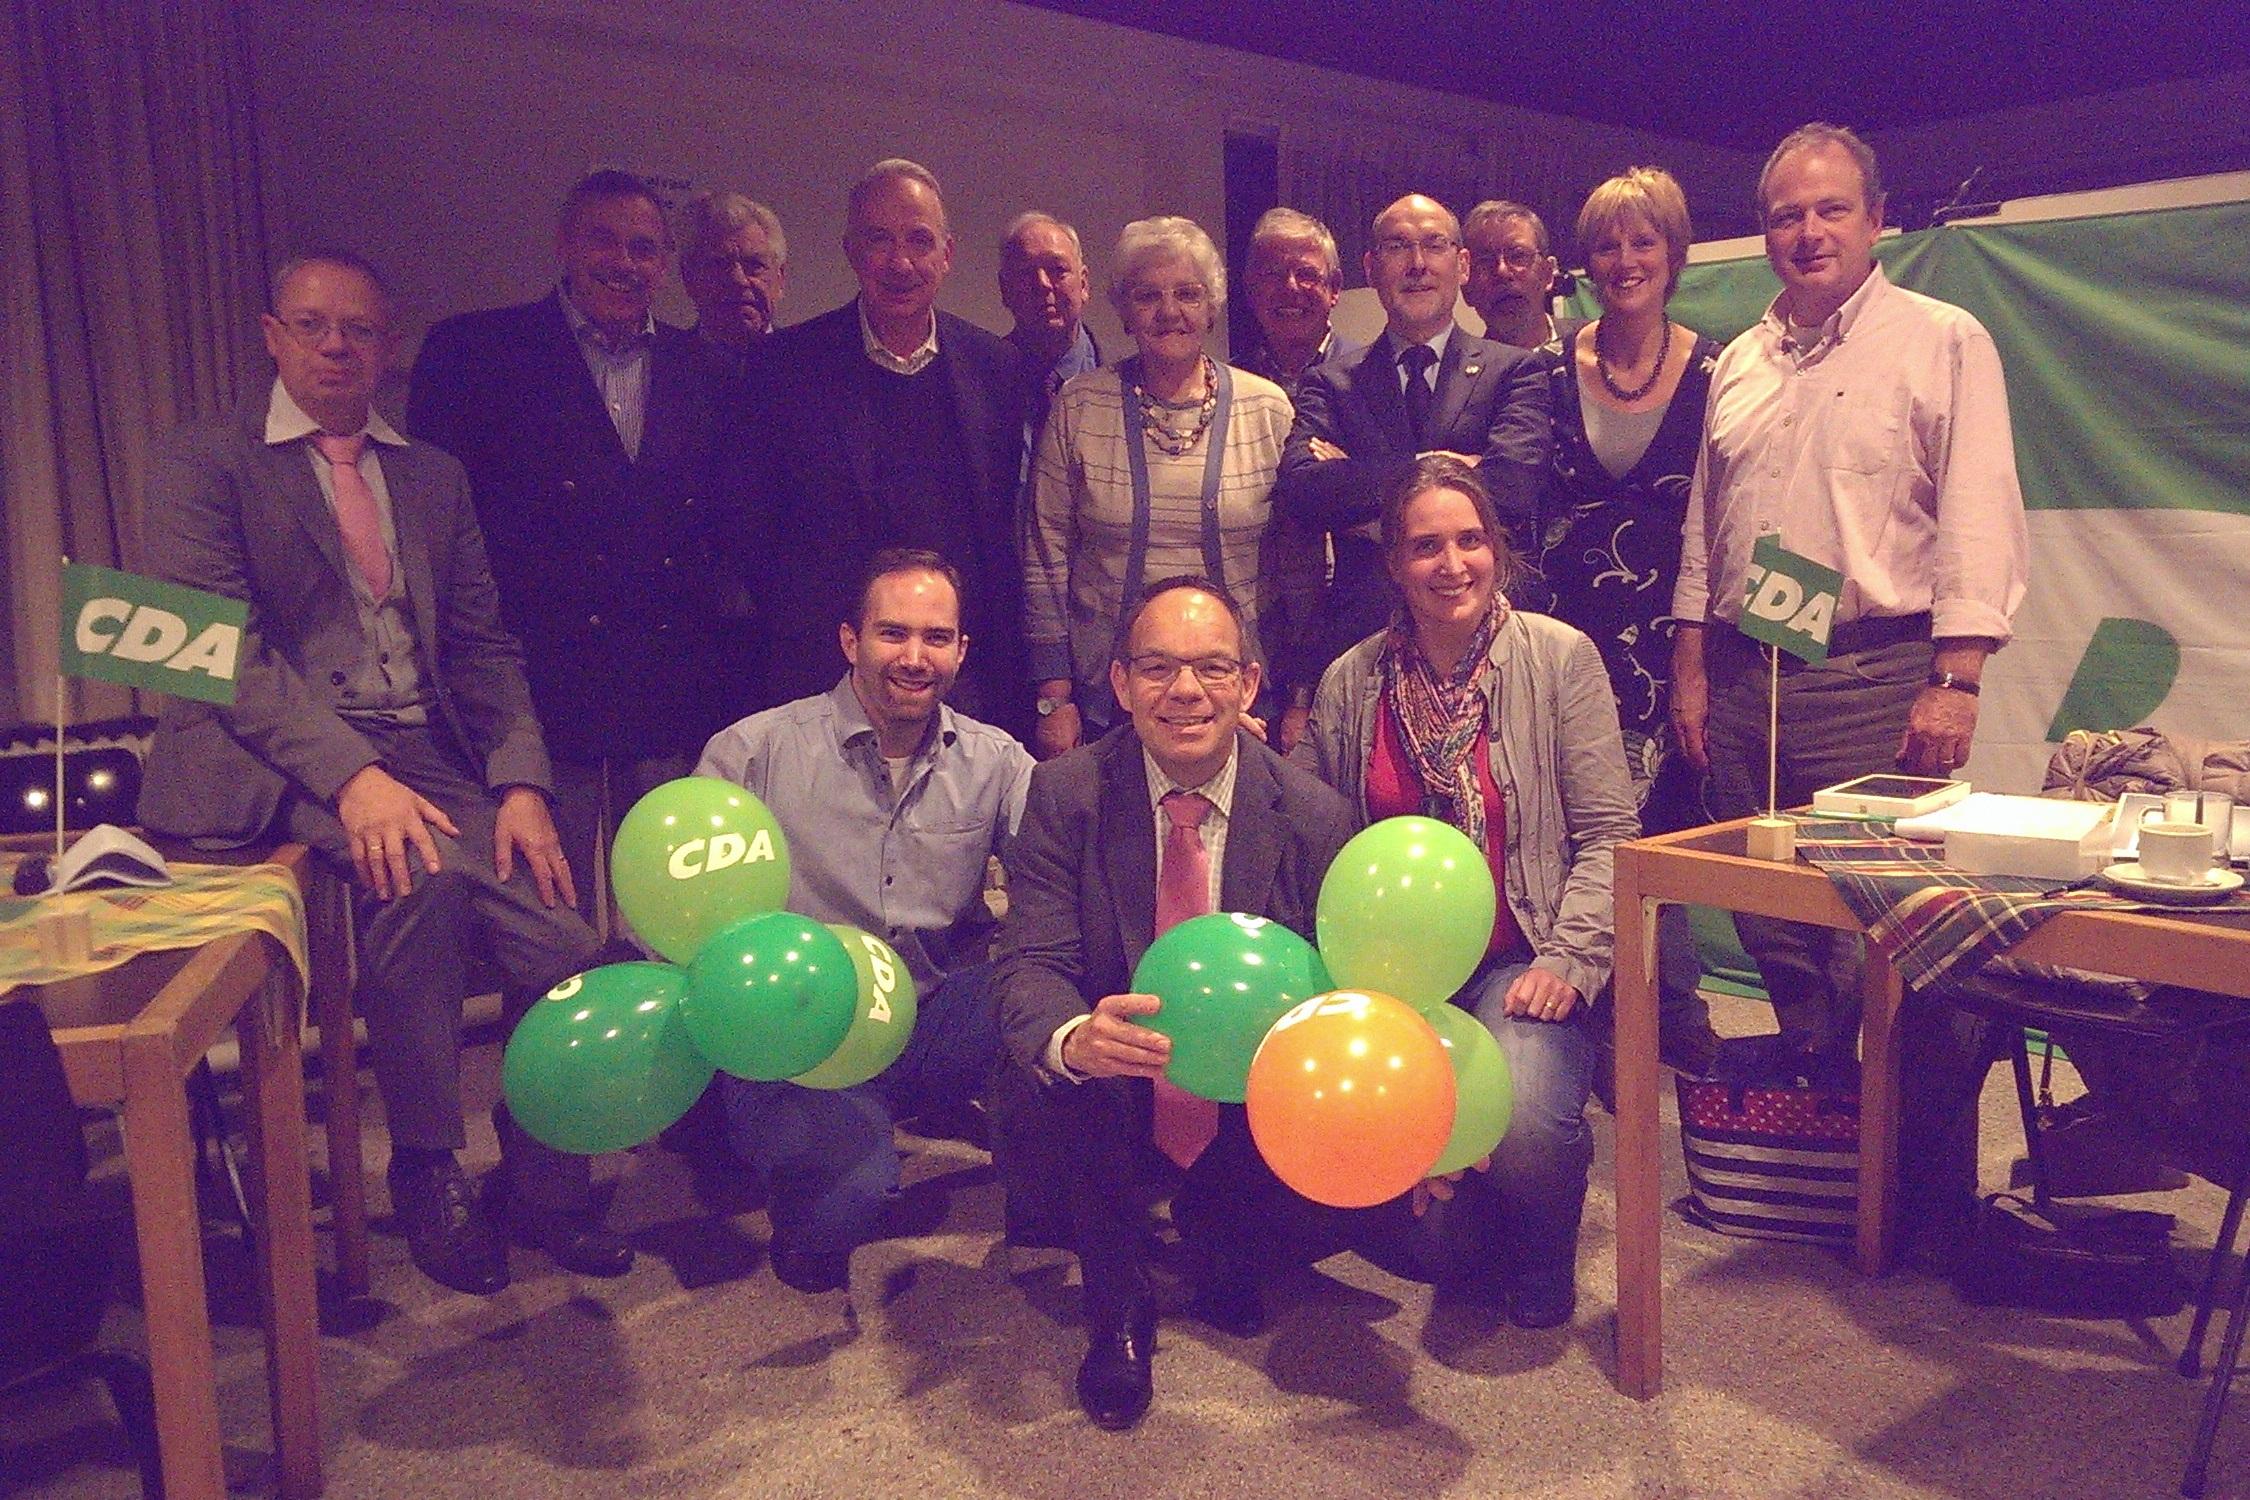 Nieuws: CDA kiest Marcel Willemsen als lijsstrekker